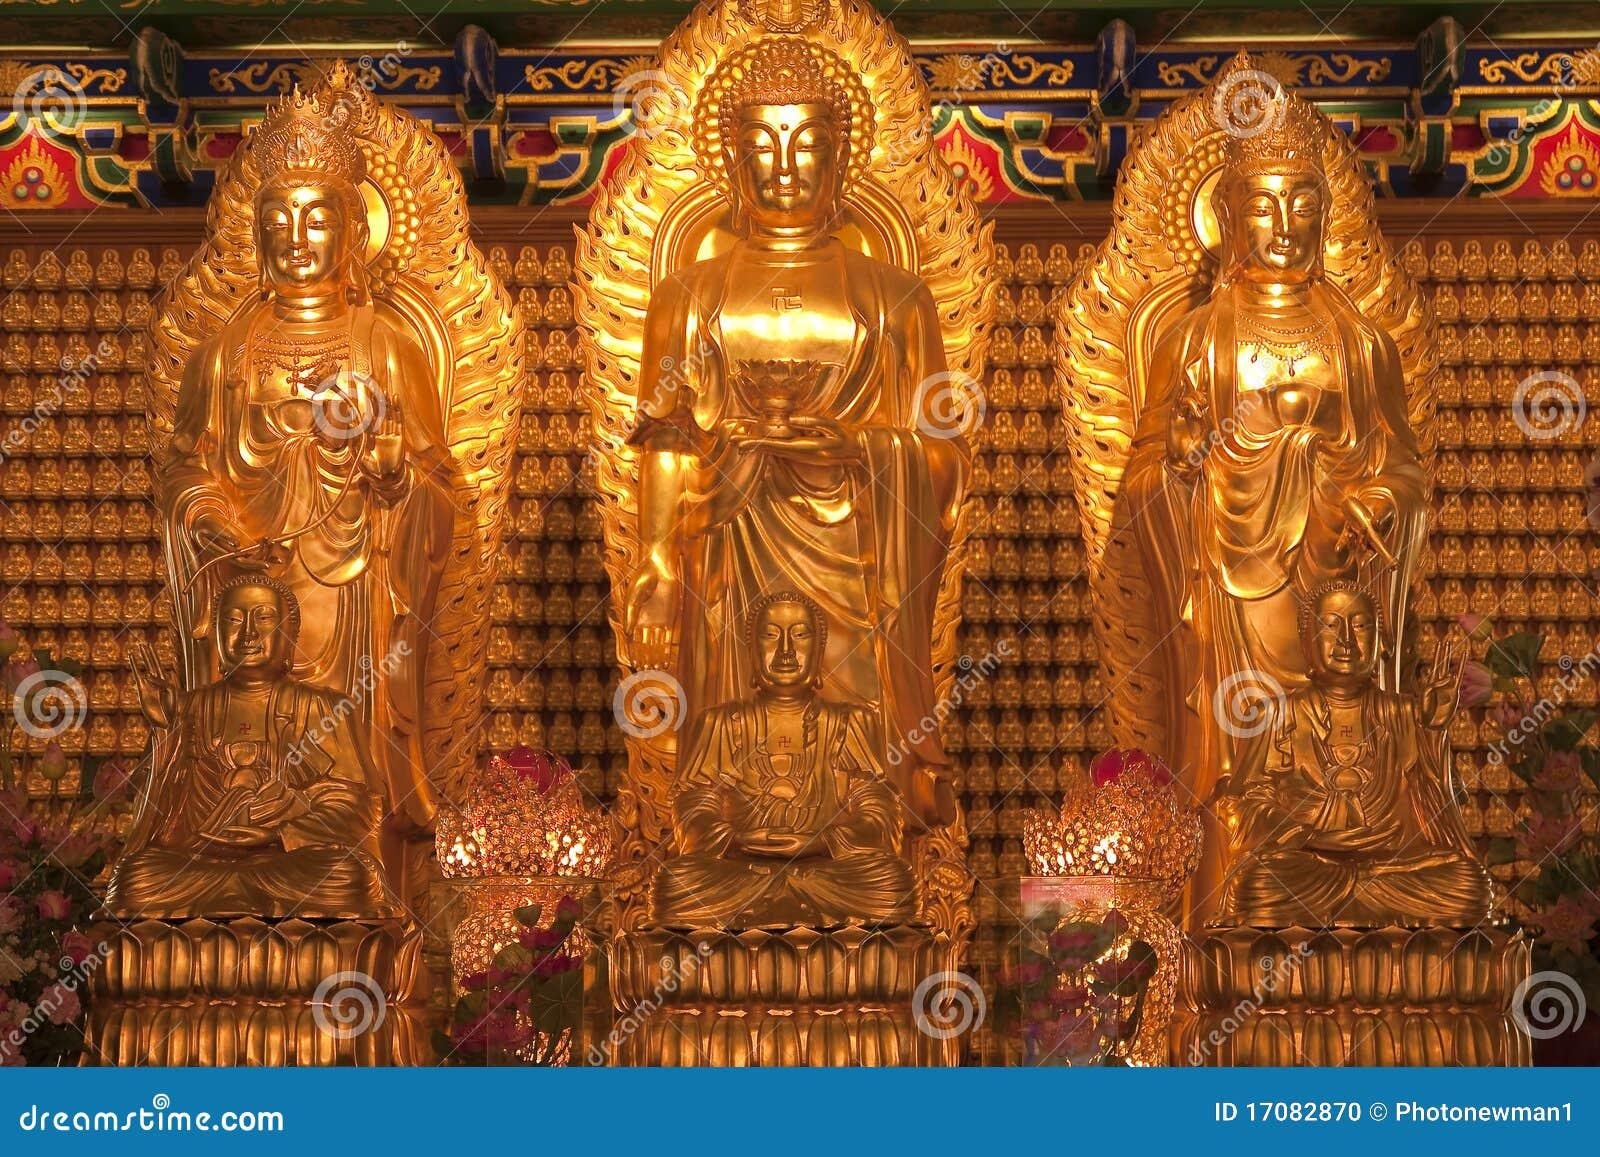 Kunst in der chinesischen Art des Tempels in Thailand